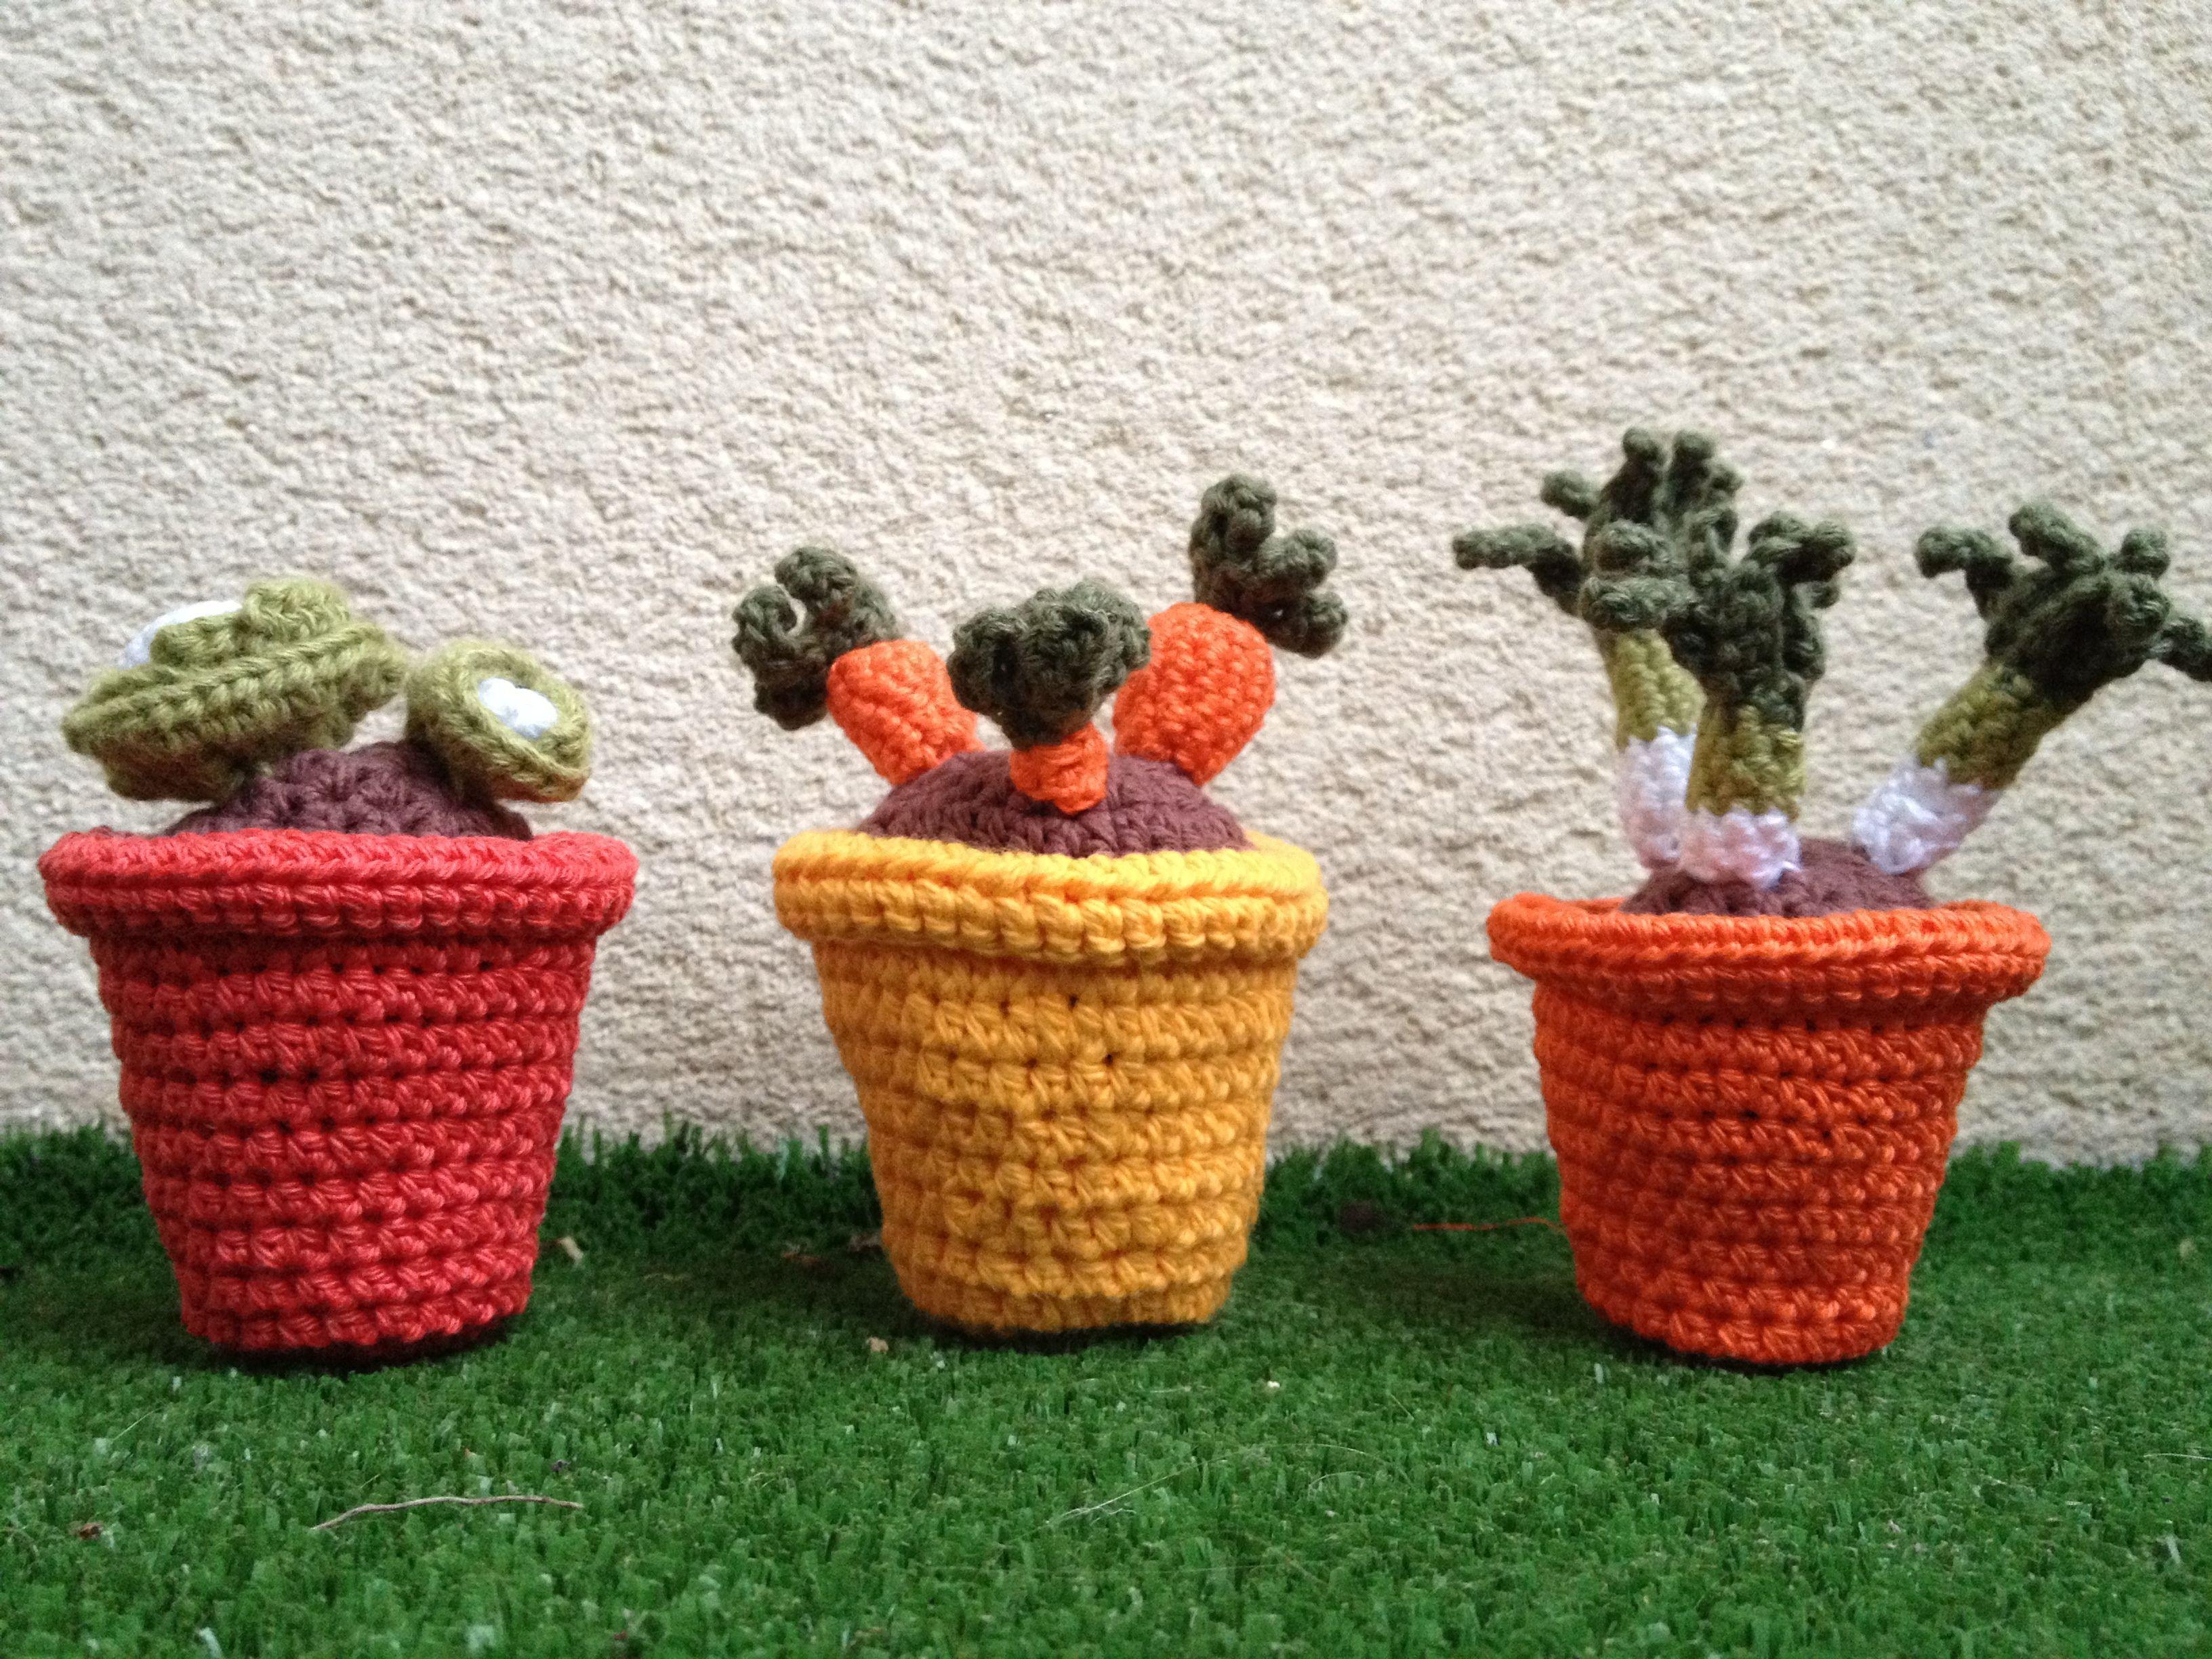 Crocheting Vegetables : Crochet vegetables Crochet Pinterest